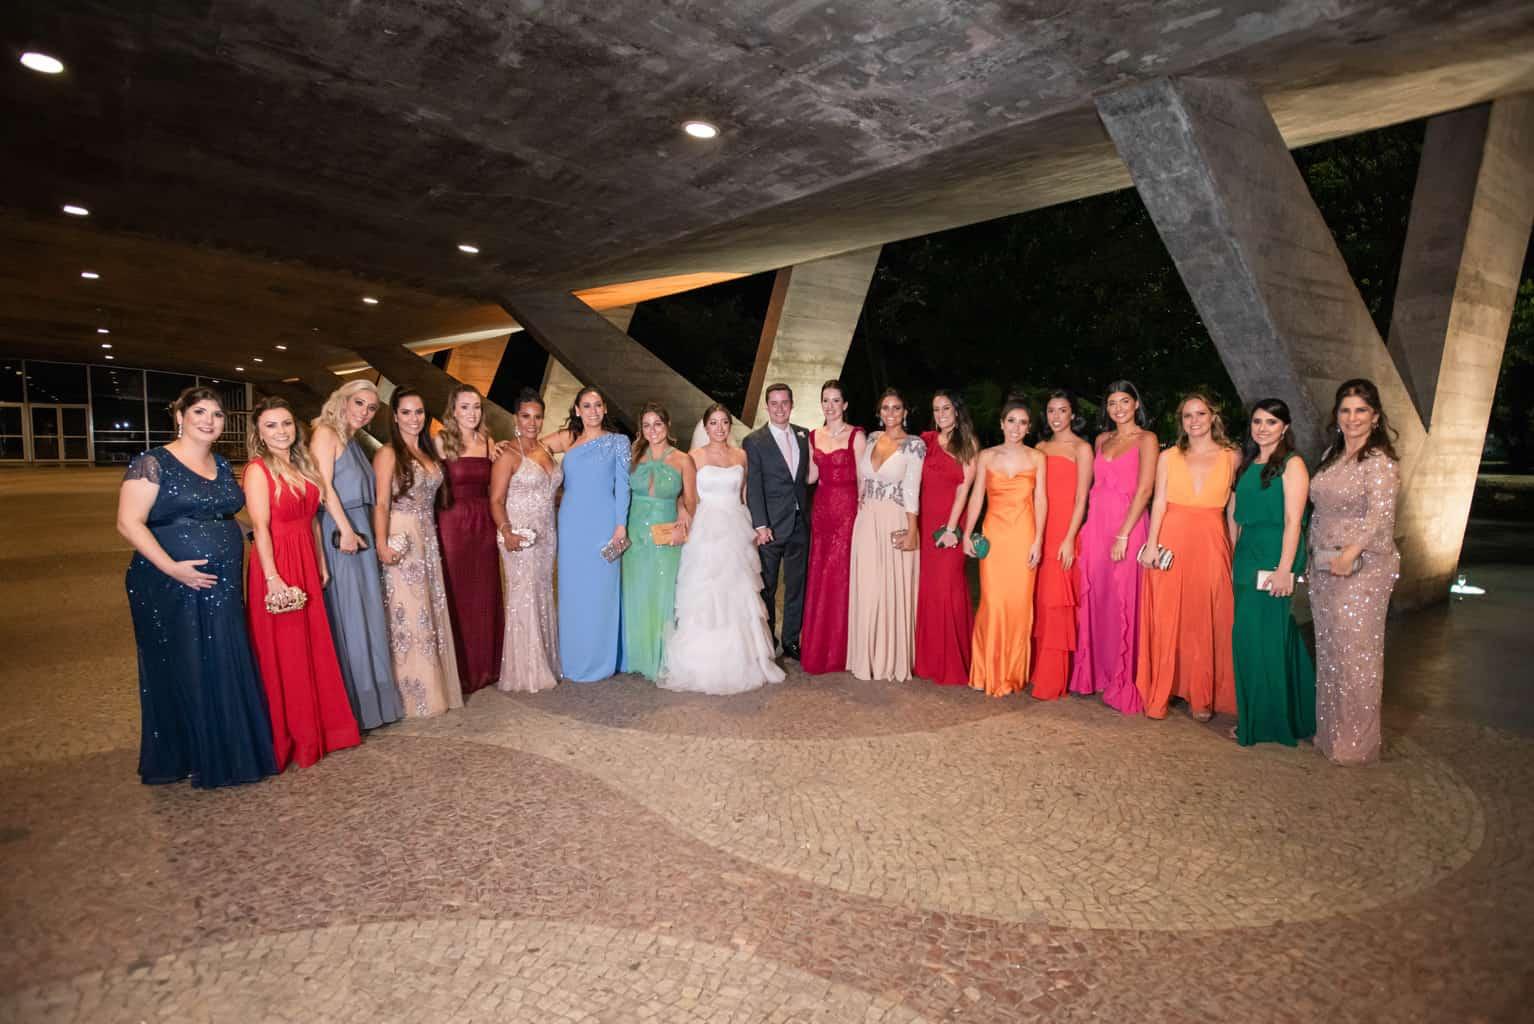 casamento-Karynna-e-Fernando-cerimonial-TCD-Eventos-festa-no-MAM-fotografia-Marina-Fava96